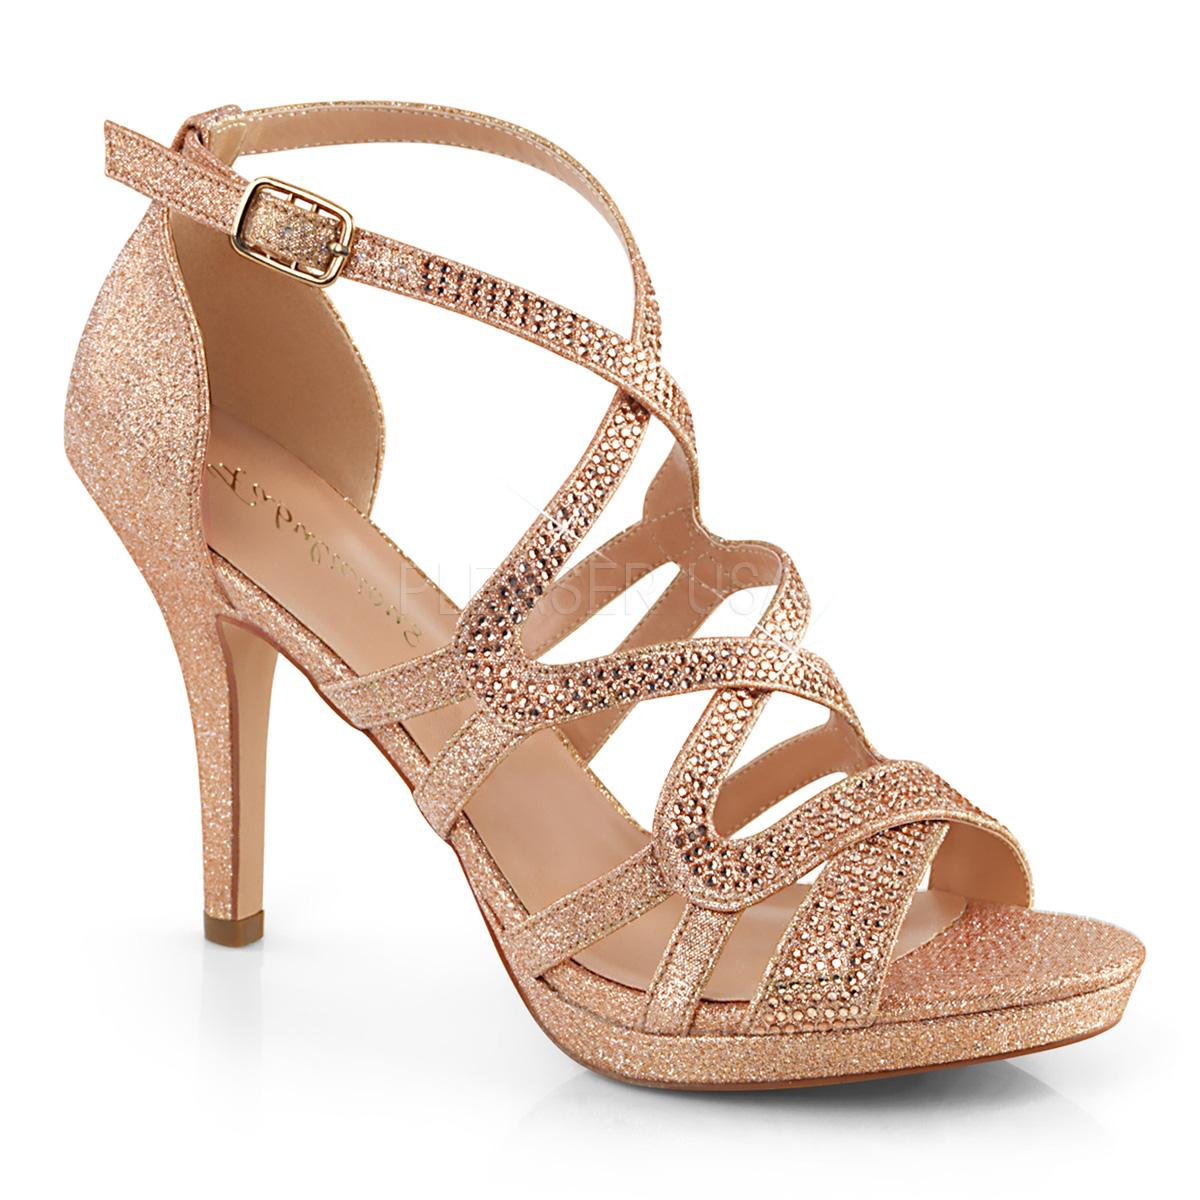 Daphne Stiletto Gold Heeled Cm Sandals 9 5 42 High u1JclTFK3